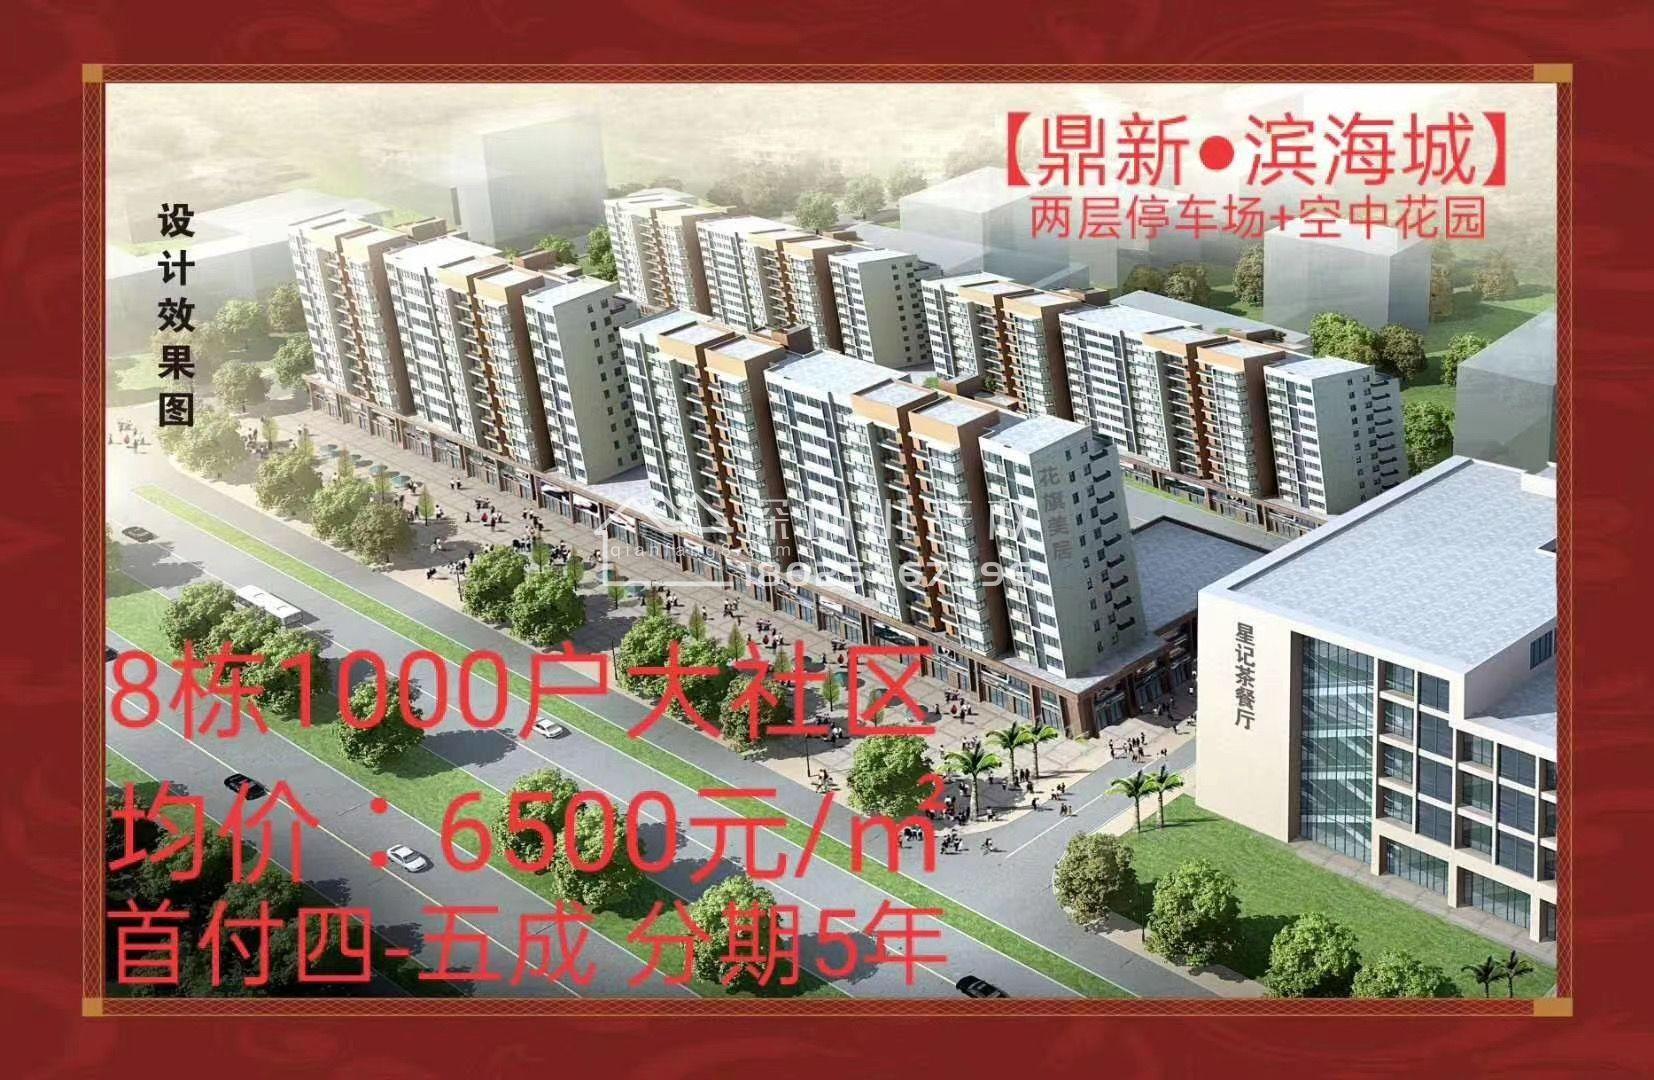 长安西站8栋花园小区【鼎新滨海城】5388起价带双层车库开盘啦